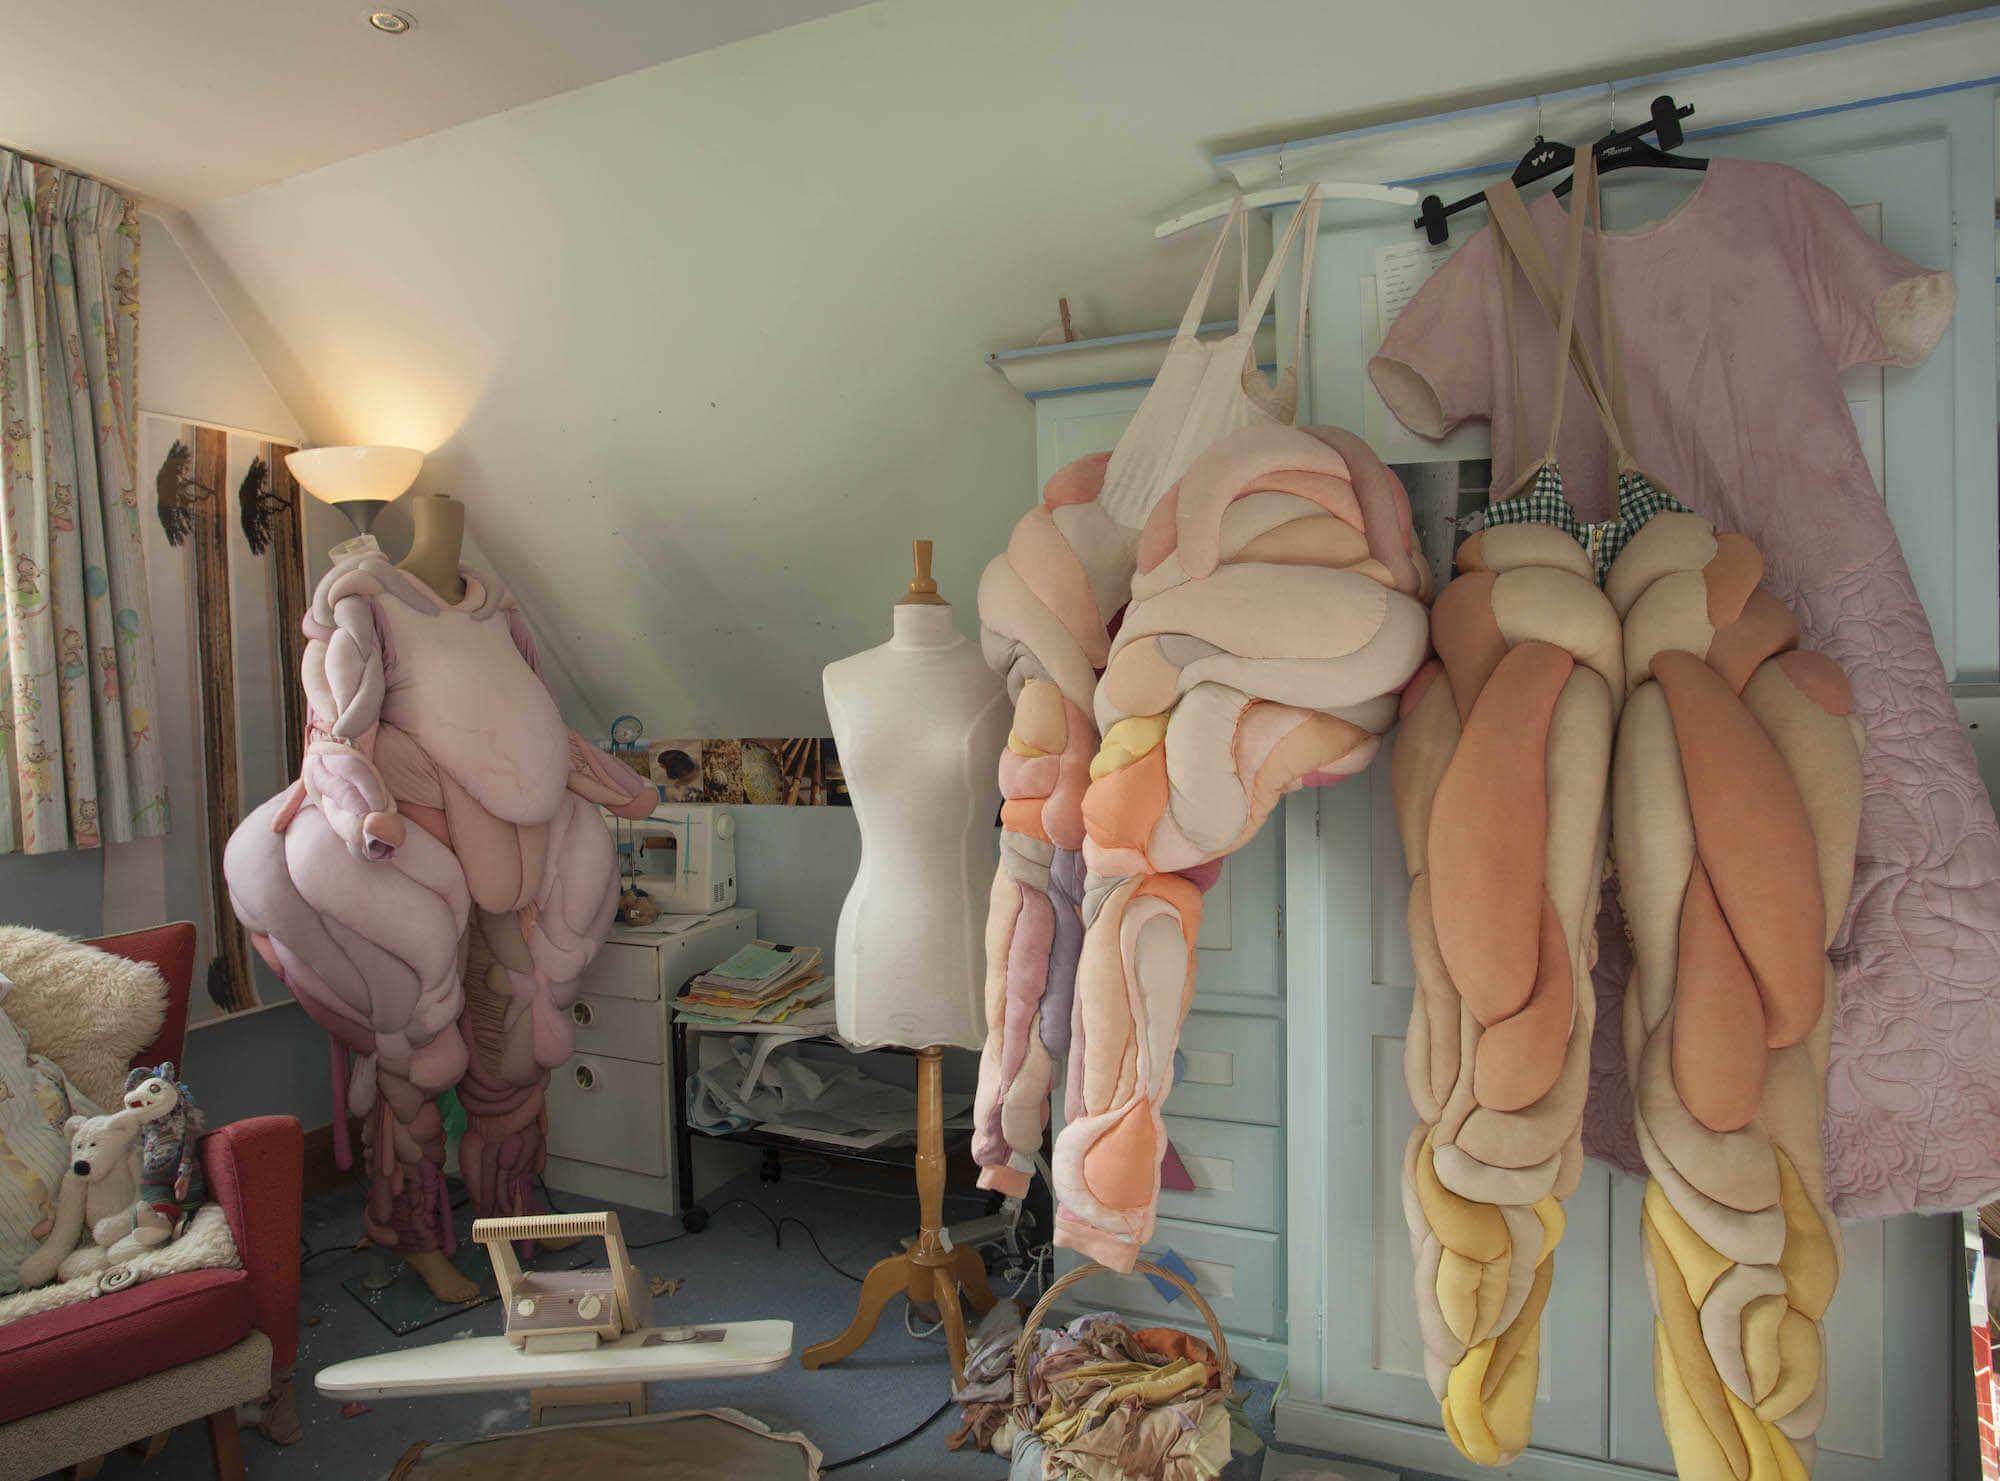 Exposicion de trajes de goma espuma